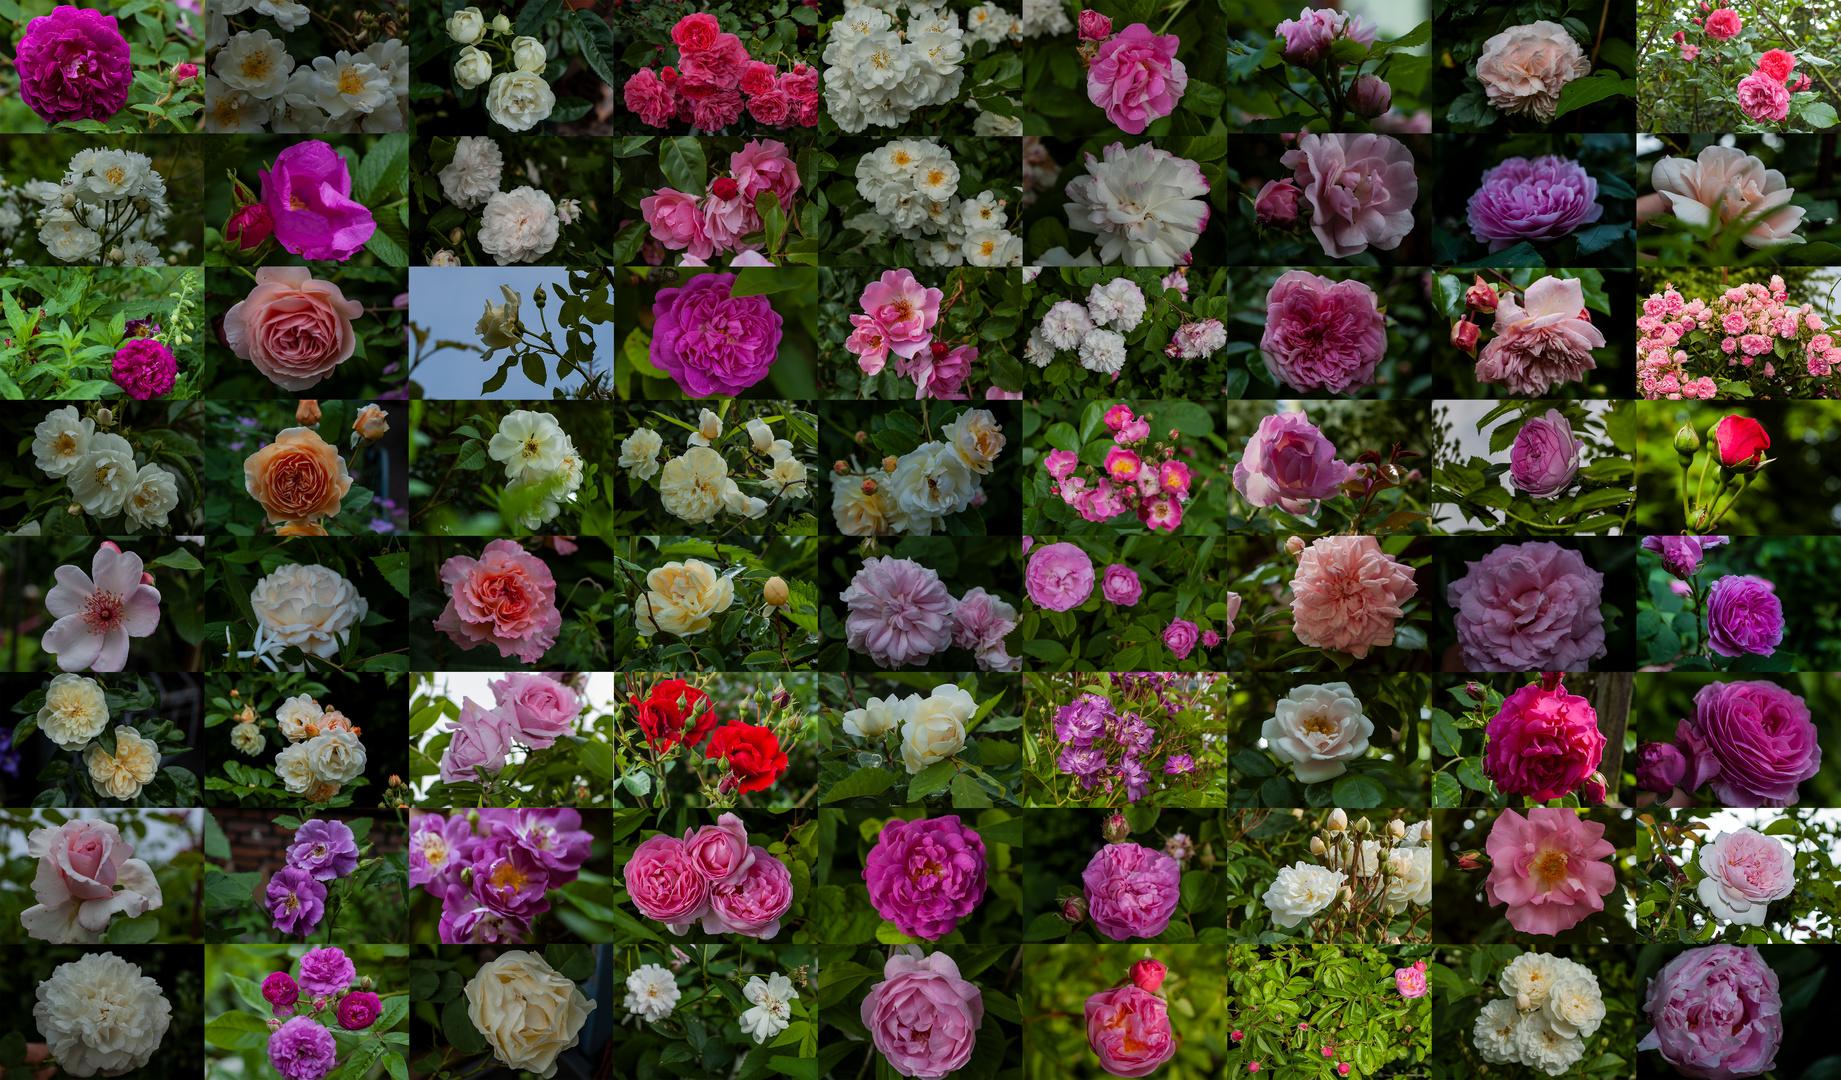 72 Rosenblüten in unserem Garten am 2. Juni 2018